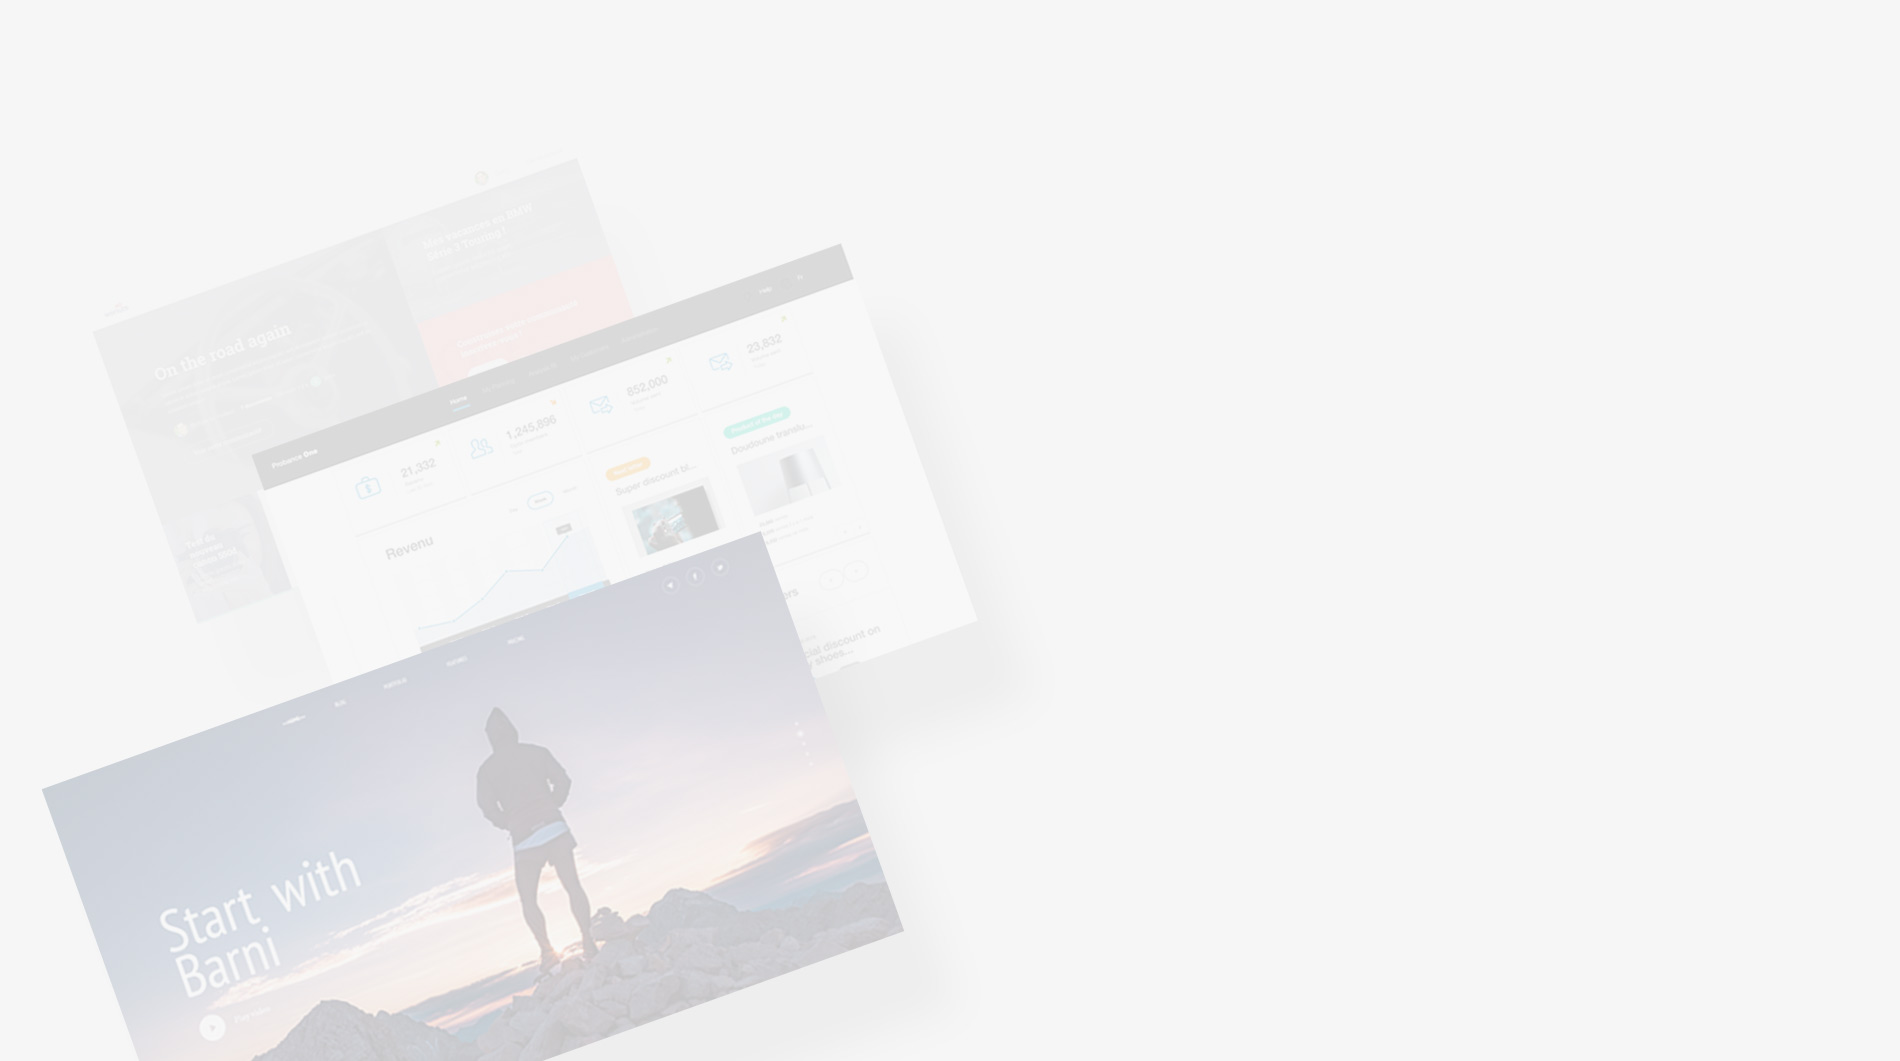 UI Design - fond gris clair